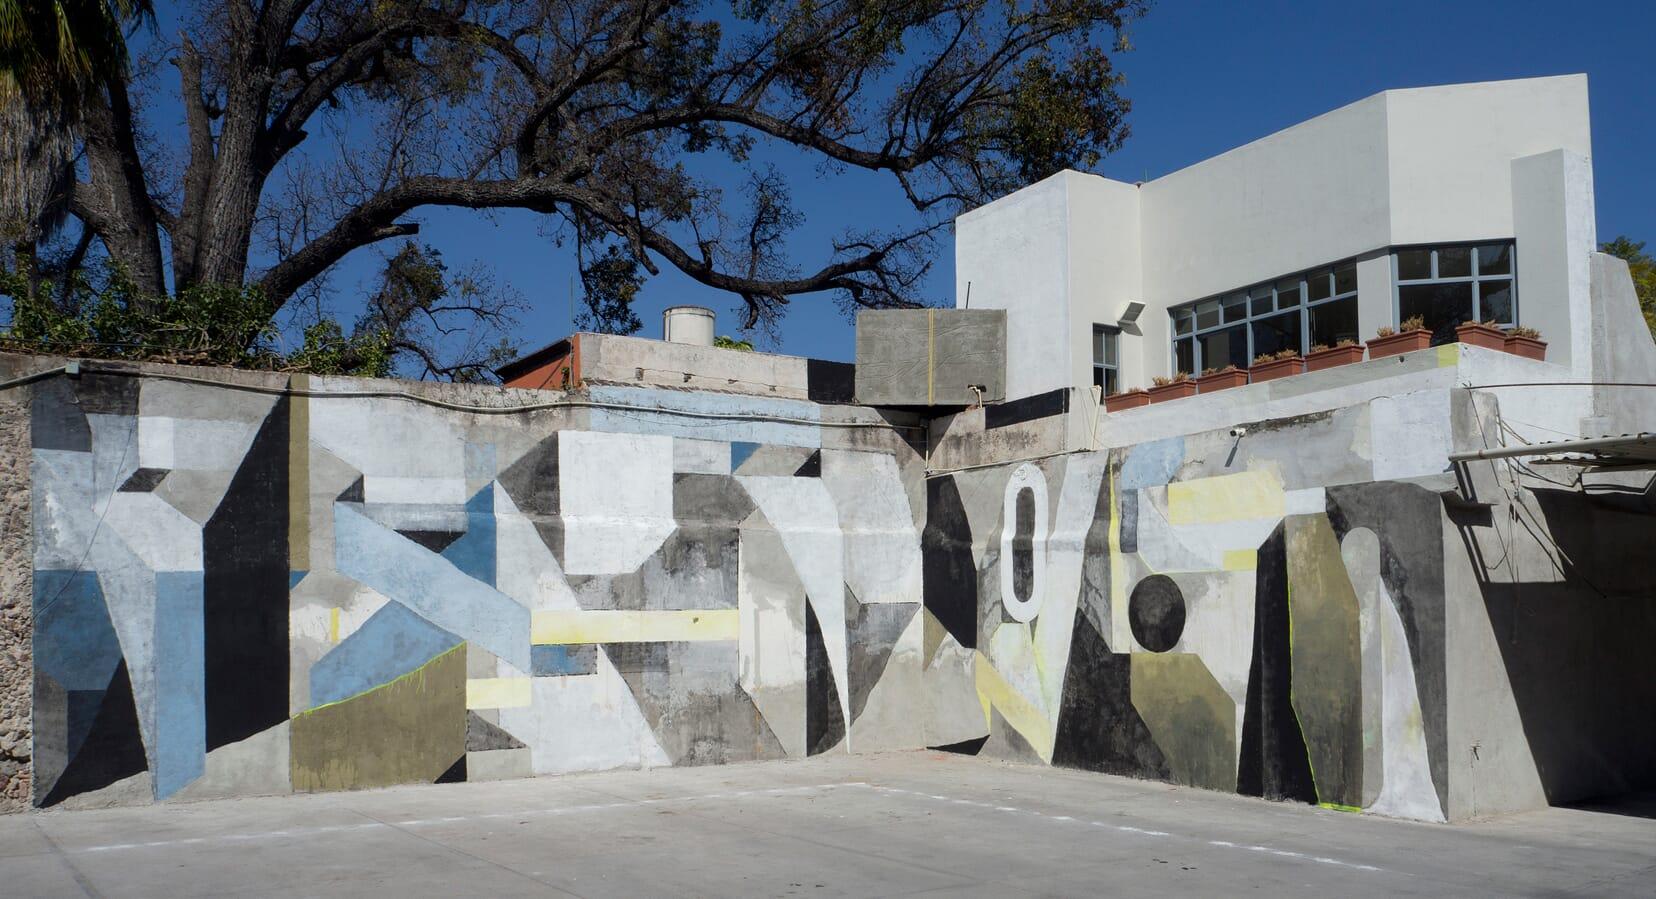 Are We Entering a New Era of Graffiti?